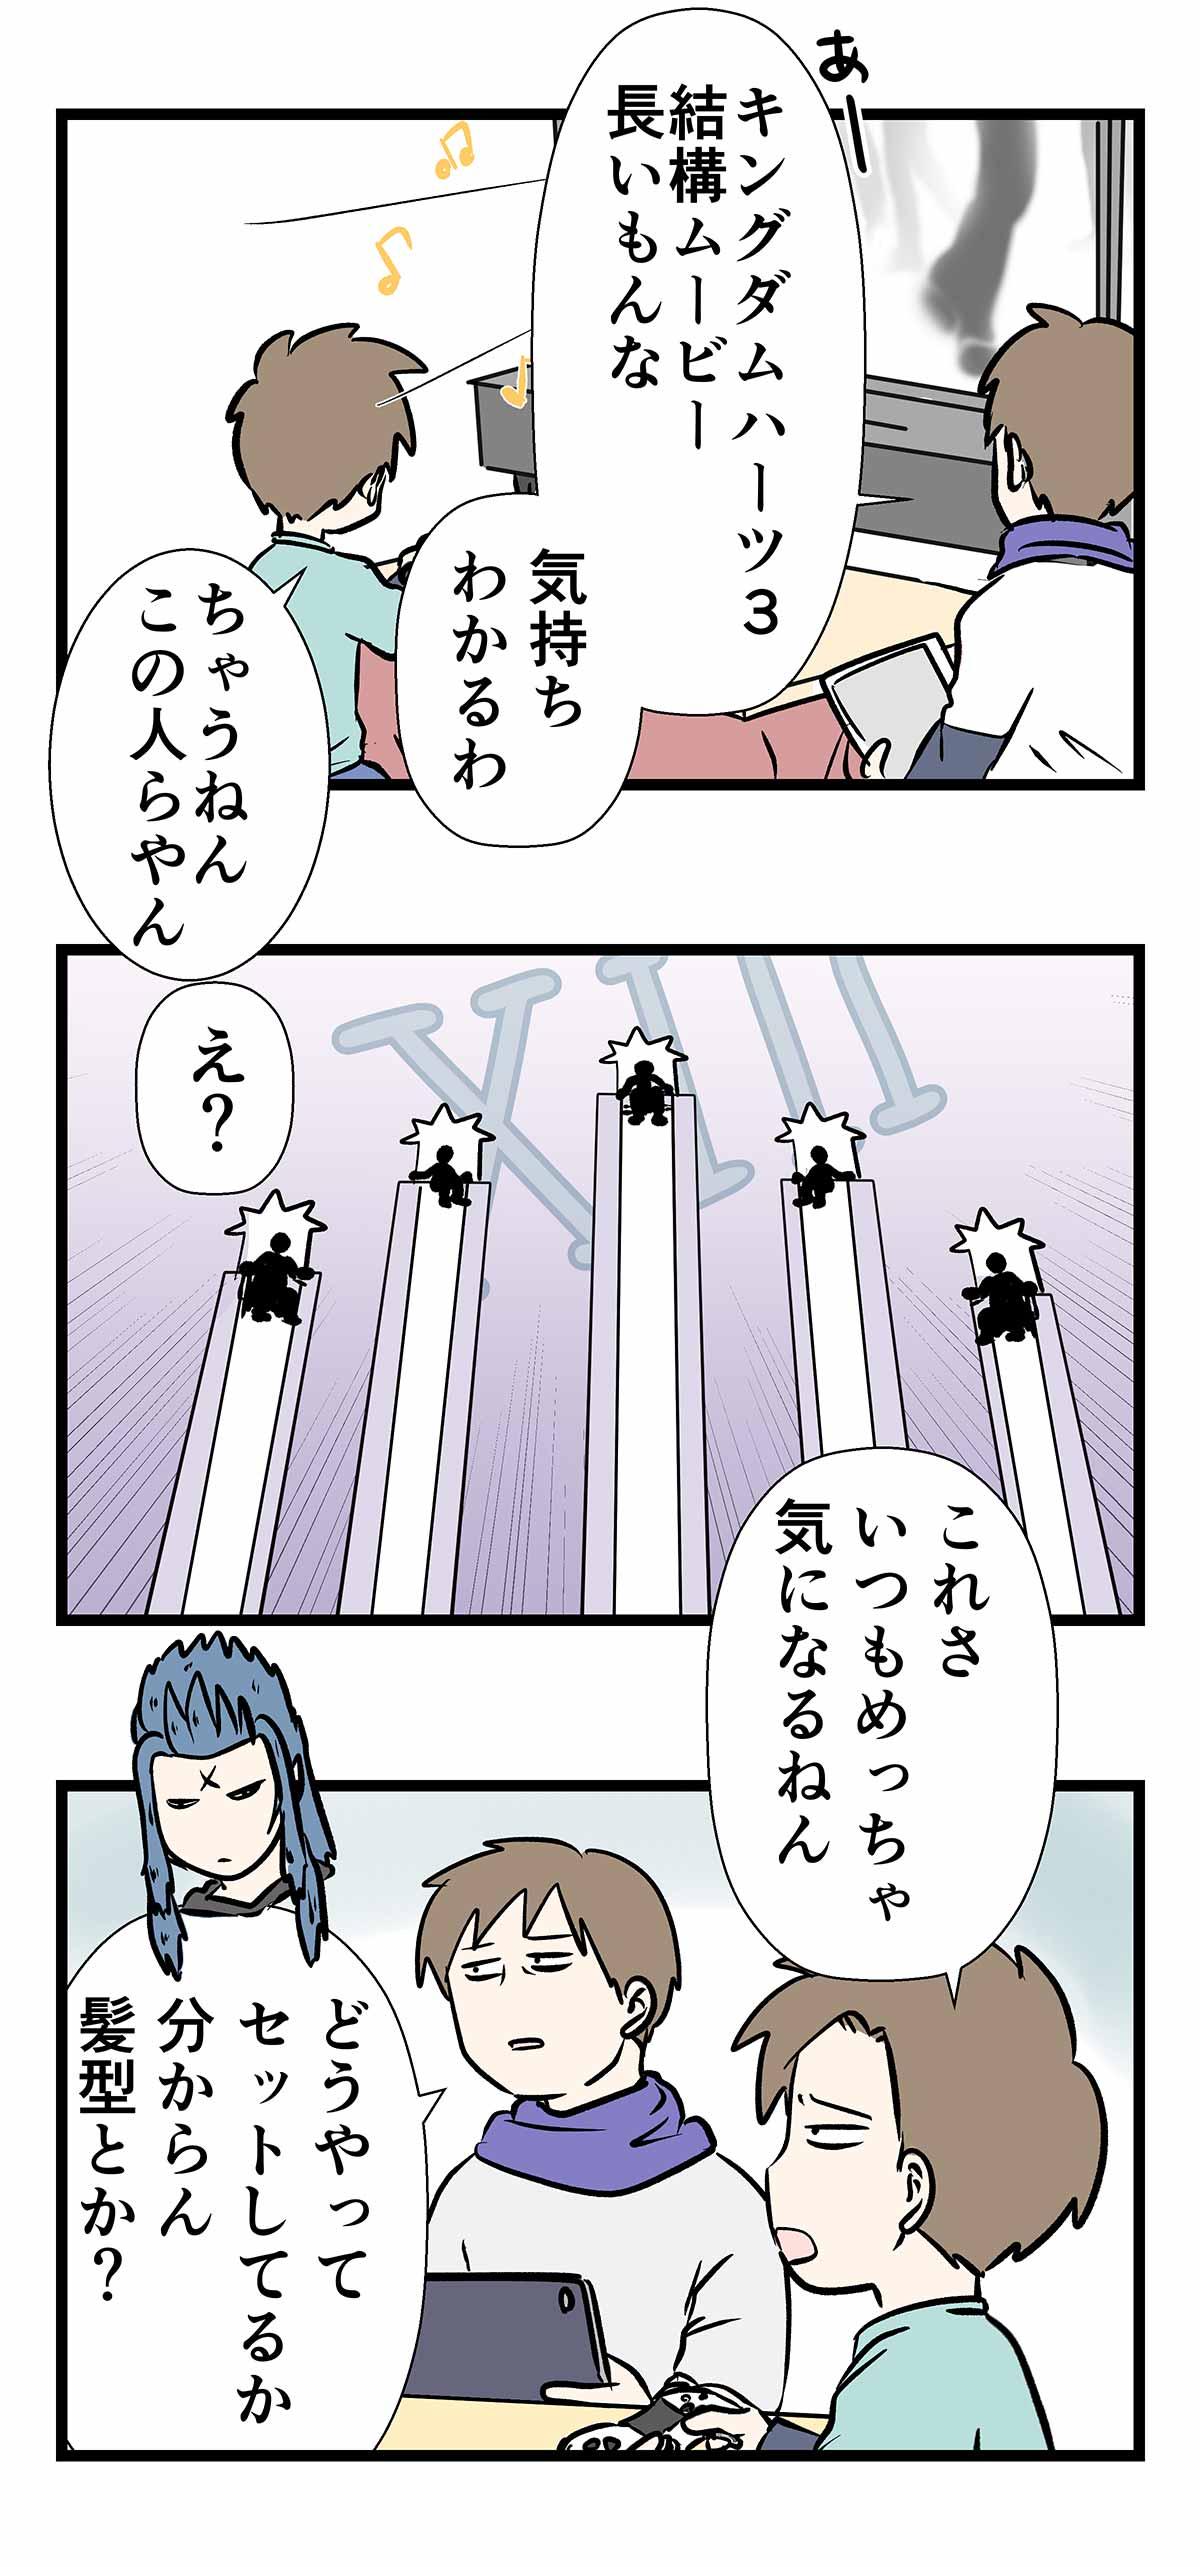 ゲームとかアニメに出てくる敵集団の位置関係の話